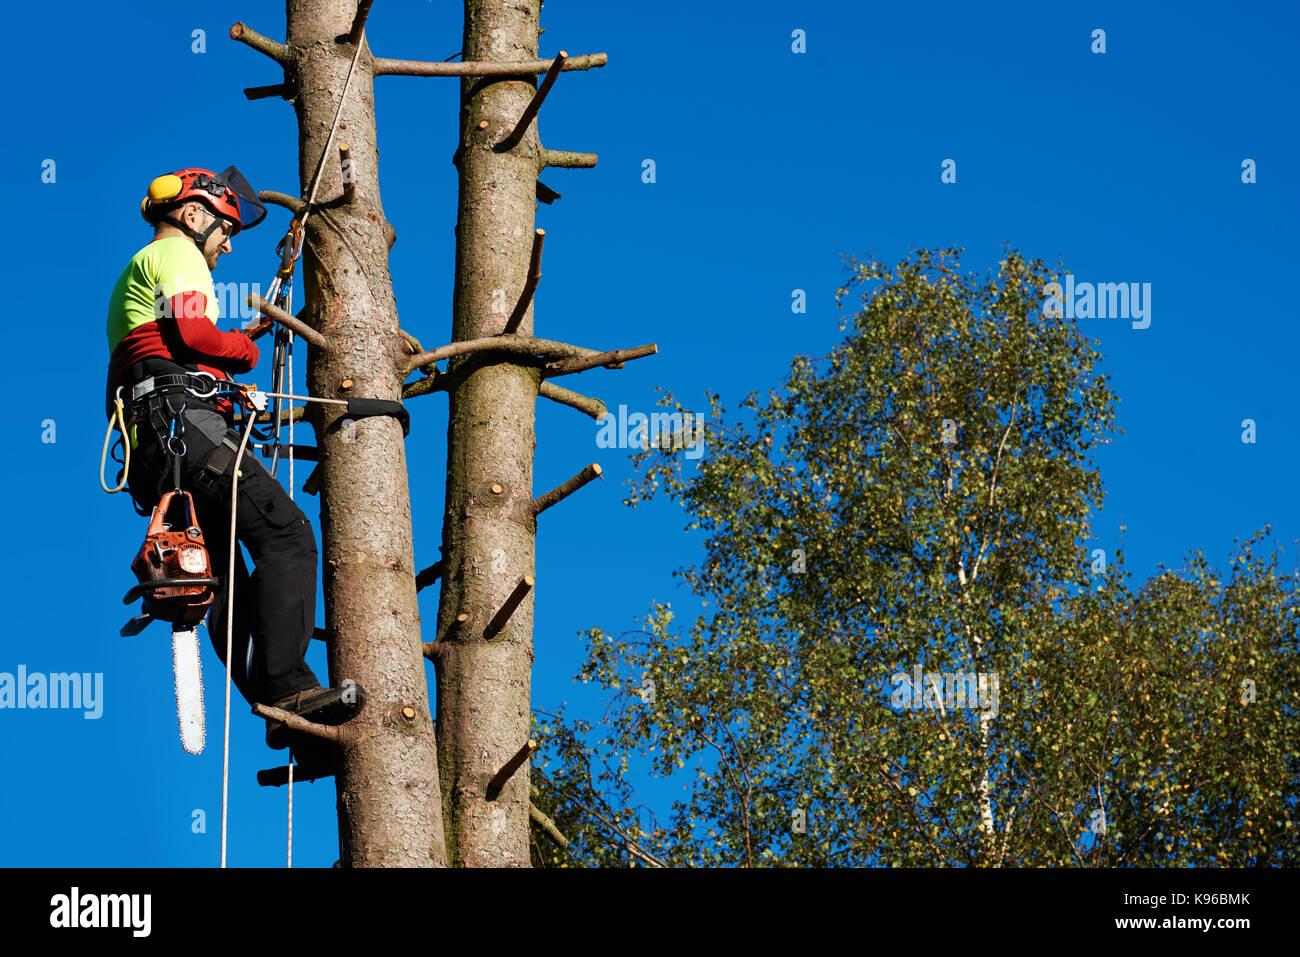 Kletterausrüstung Baum Fällen : Baumzüchter stockfotos & bilder alamy